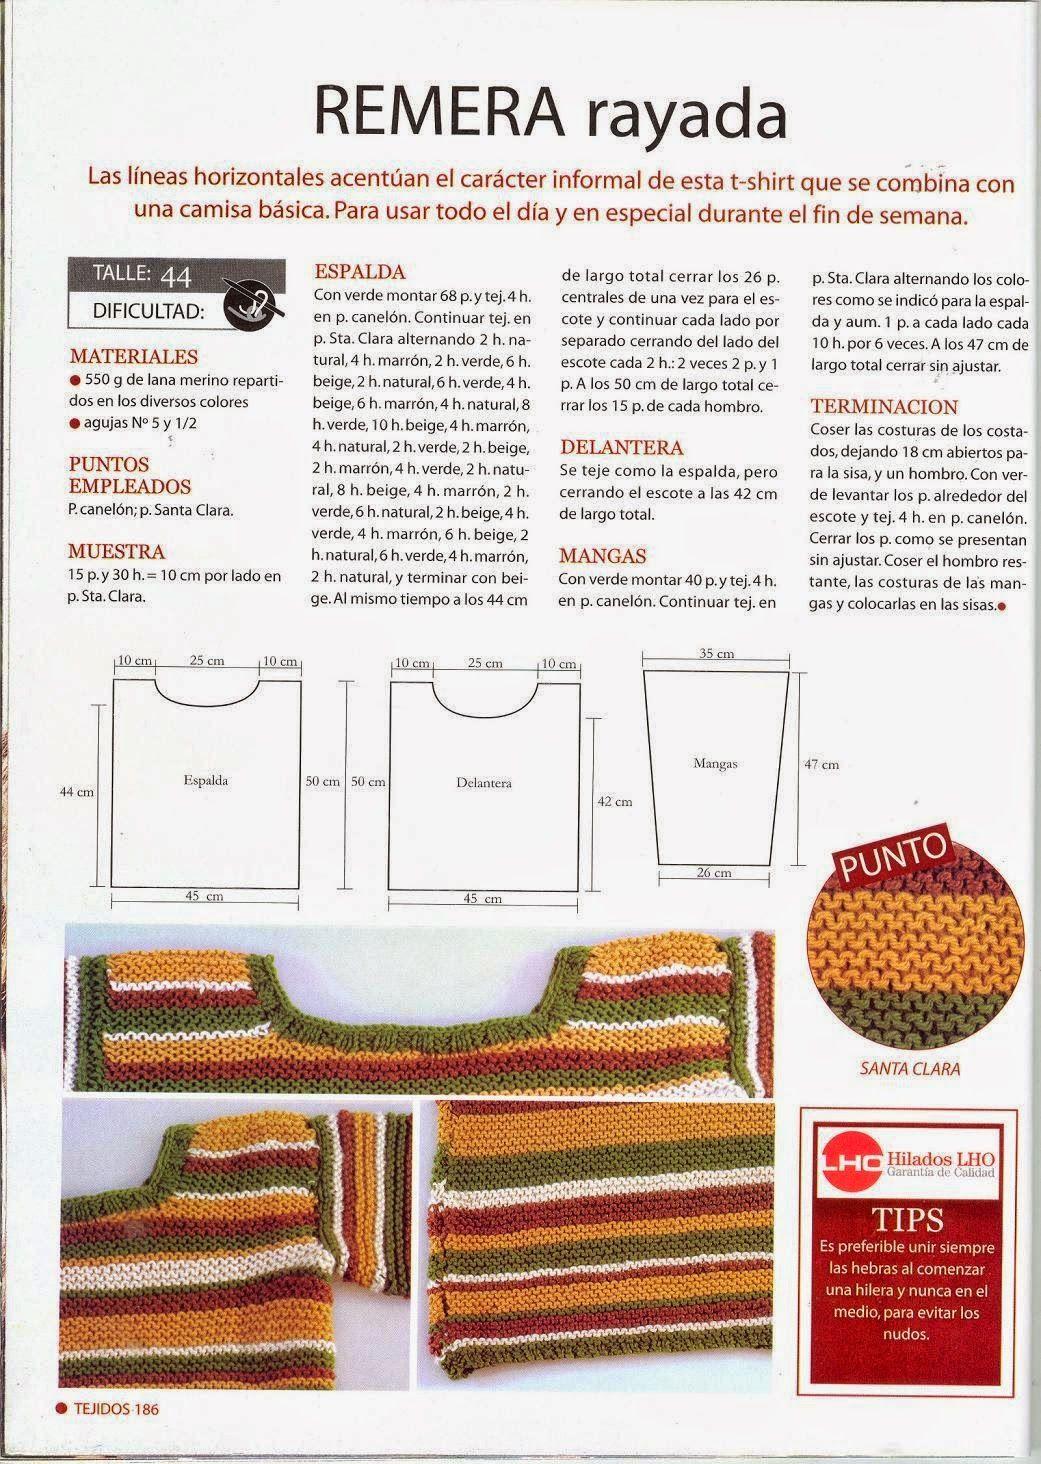 Pin de Rosita en tejidos | Pinterest | Punto, Patrones y Tejidos